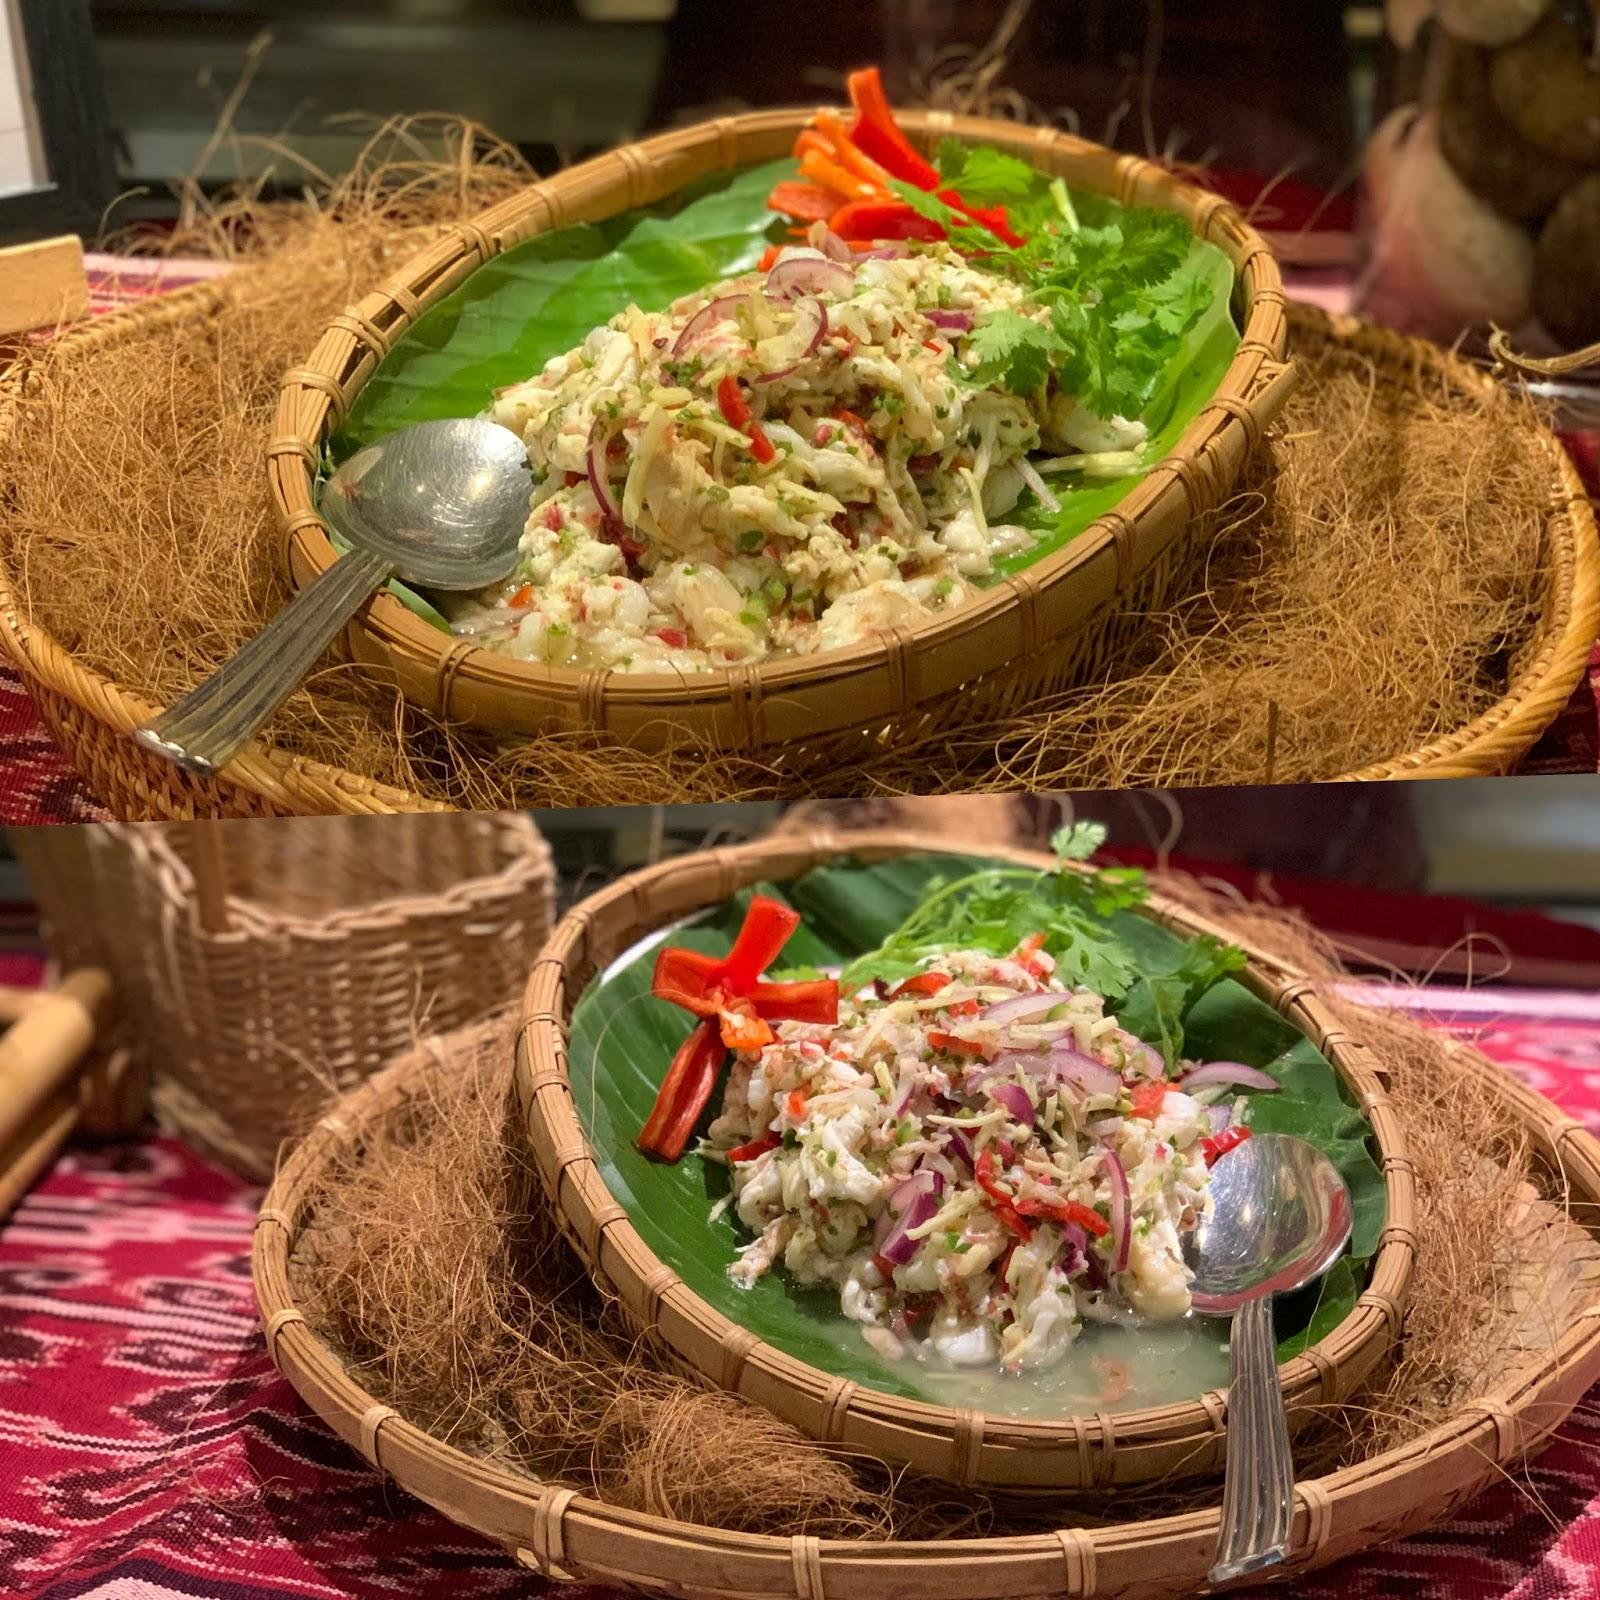 Buffet Ramadhan 2020, Bufet Ramadan 2020, Jom Iftar @ Chatz Brasserie', PARKROYAL Kuala Lumpur, Rawlins Eats, Iftar Murah di Kuala Lumpur